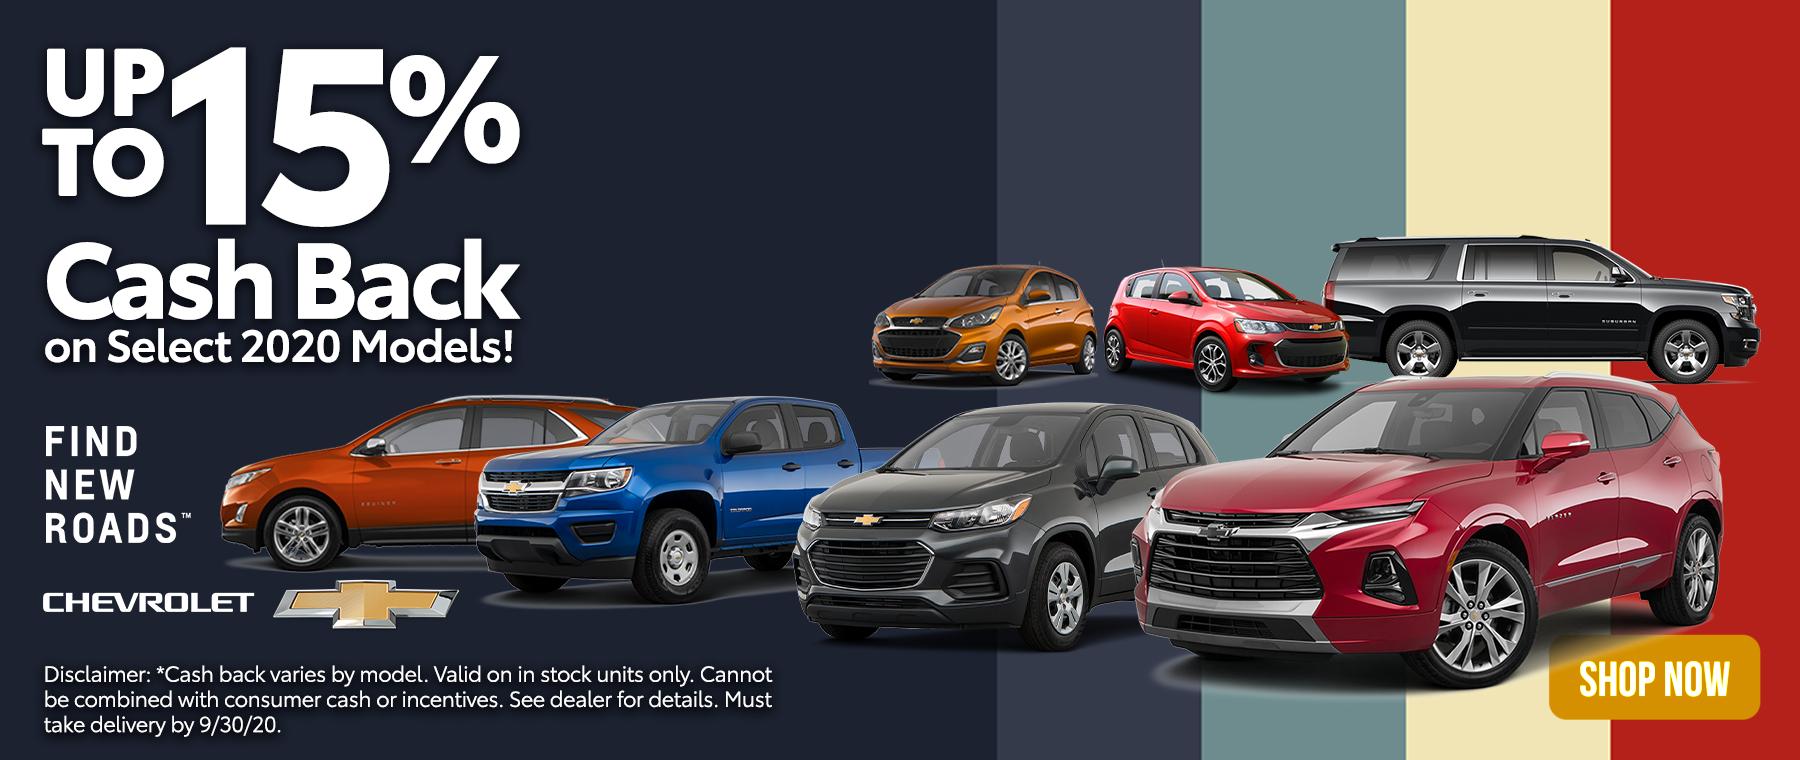 Rick-Hendrick-Chevrolet-Charleston—Sept20_TR_Website-Assets-MODELS-1800×760 (1)